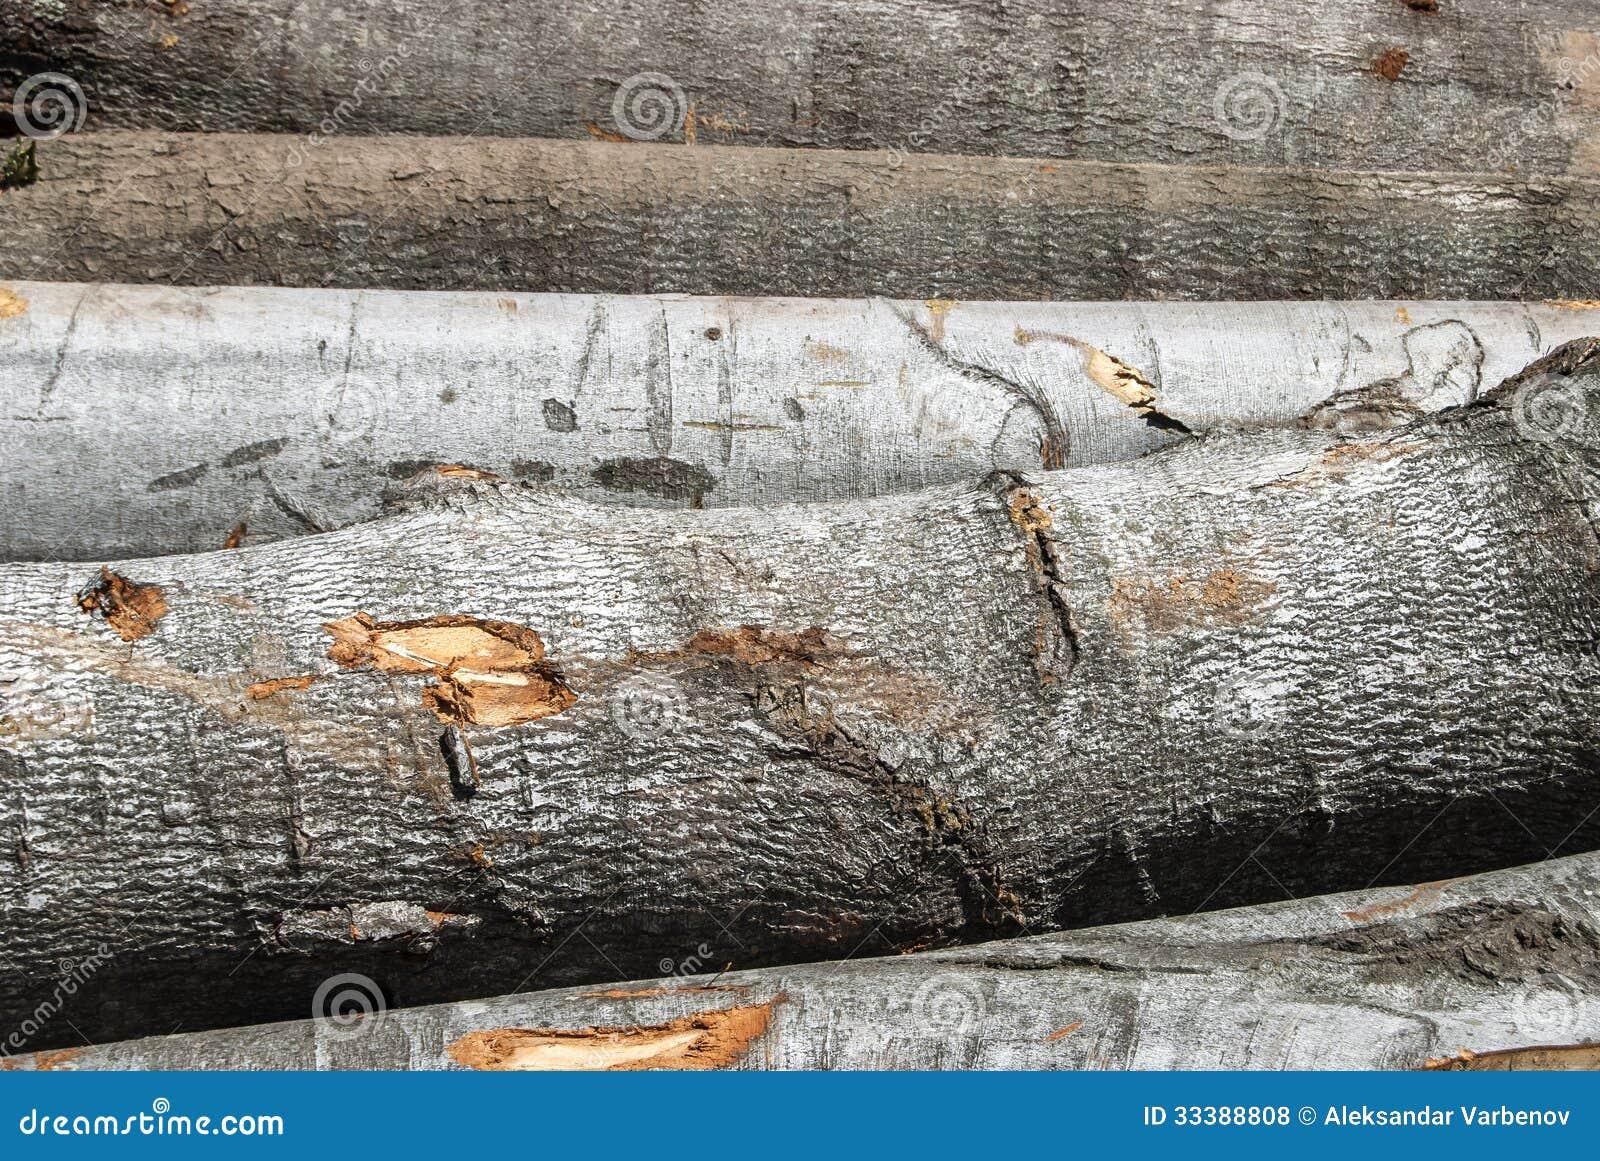 rondins de coupe en bois de h tre photos libres de droits image 33388808. Black Bedroom Furniture Sets. Home Design Ideas